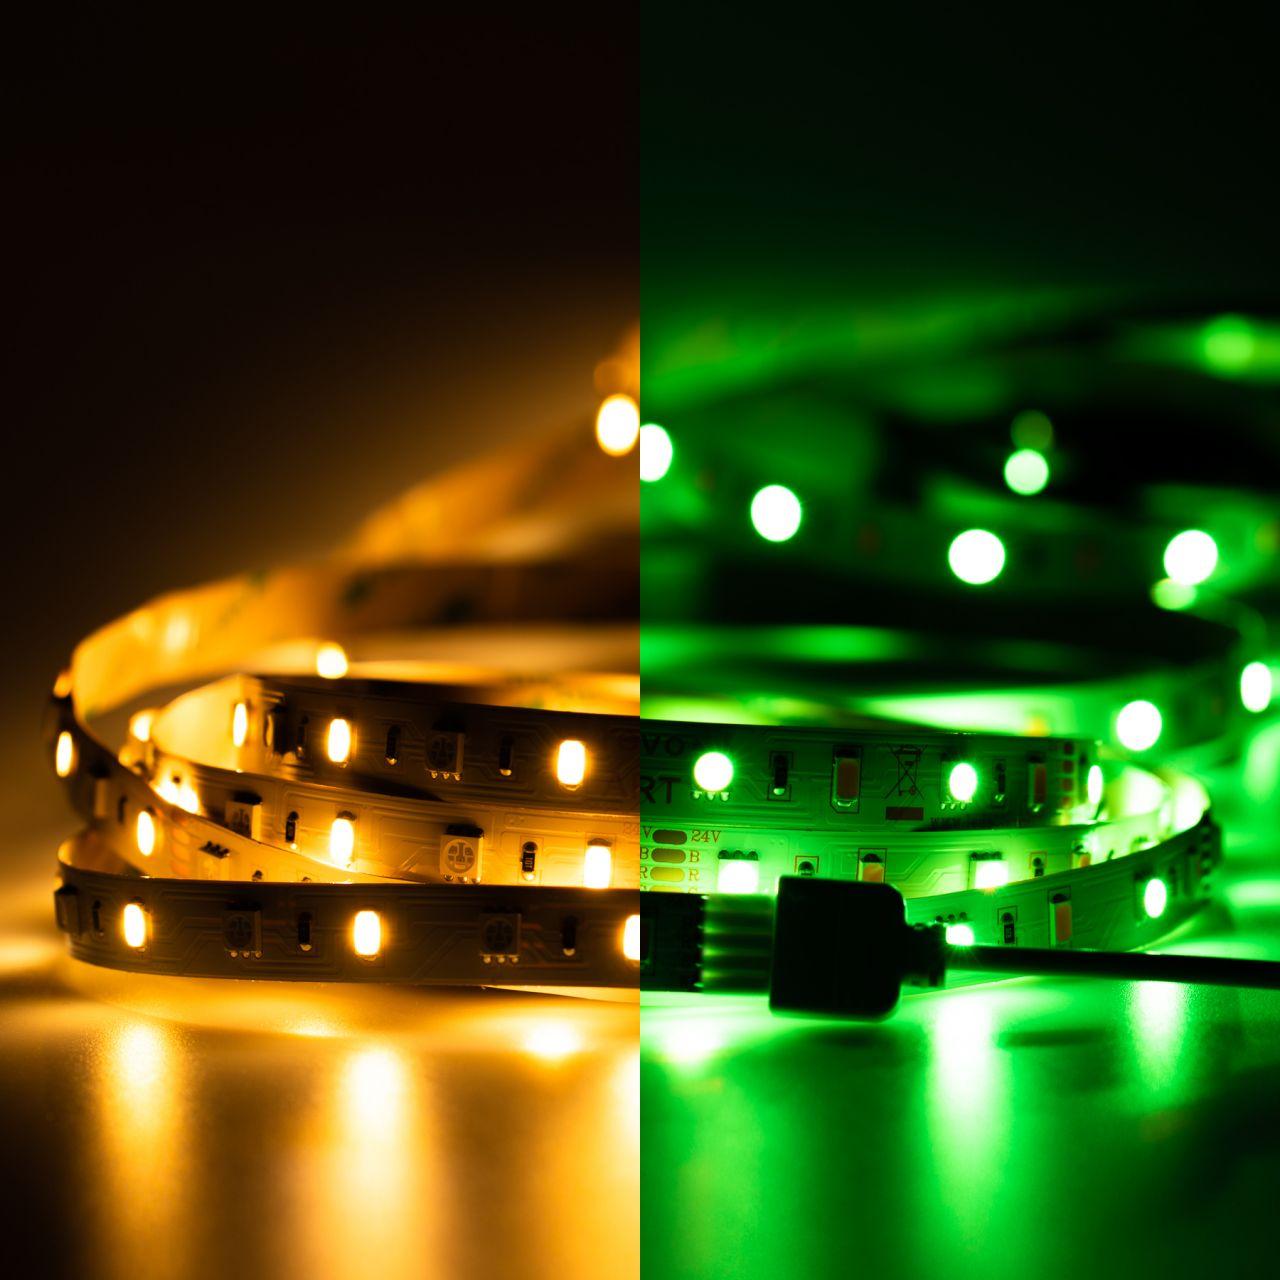 24V LED Streifen – RGBWW – 60 LEDs je Meter – alle 16,7cm teilbar